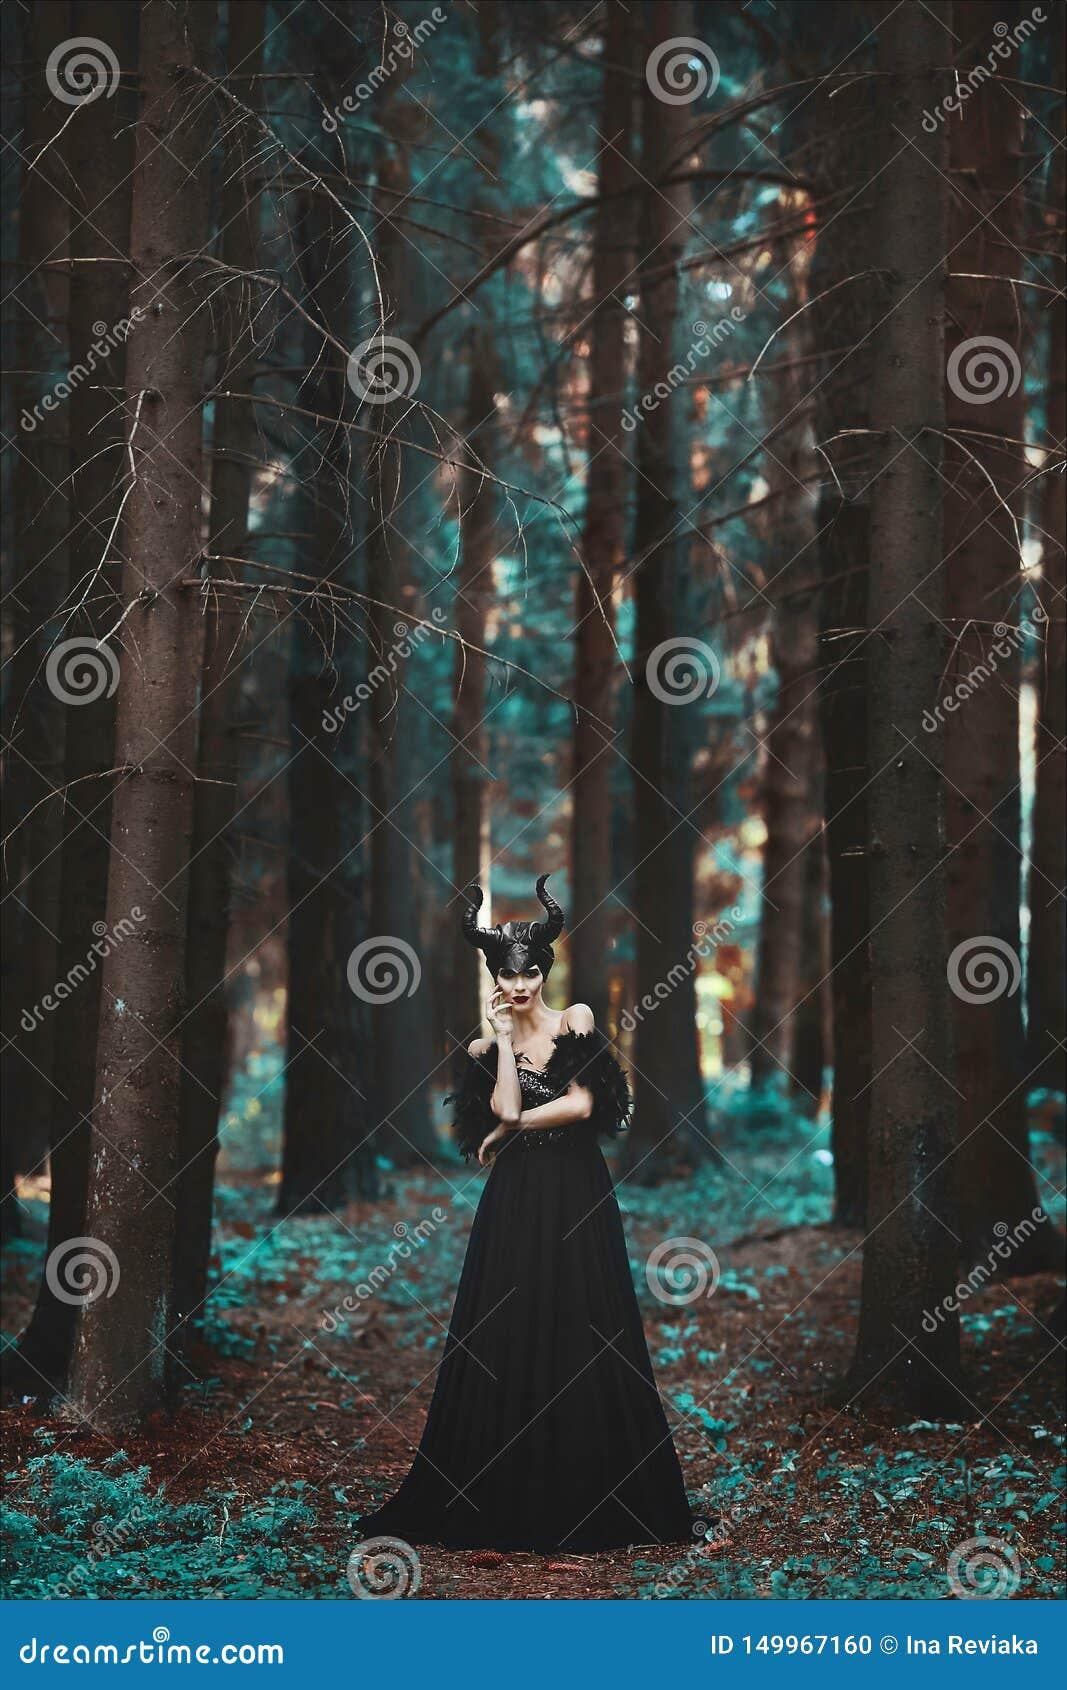 Μοντέρνο και μοντέρνο πρότυπο κορίτσι brunette στην εικόνα της επιβλαβούς τοποθέτησης μεταξύ του απόκρυφου δάσους - ιστορία παραμ